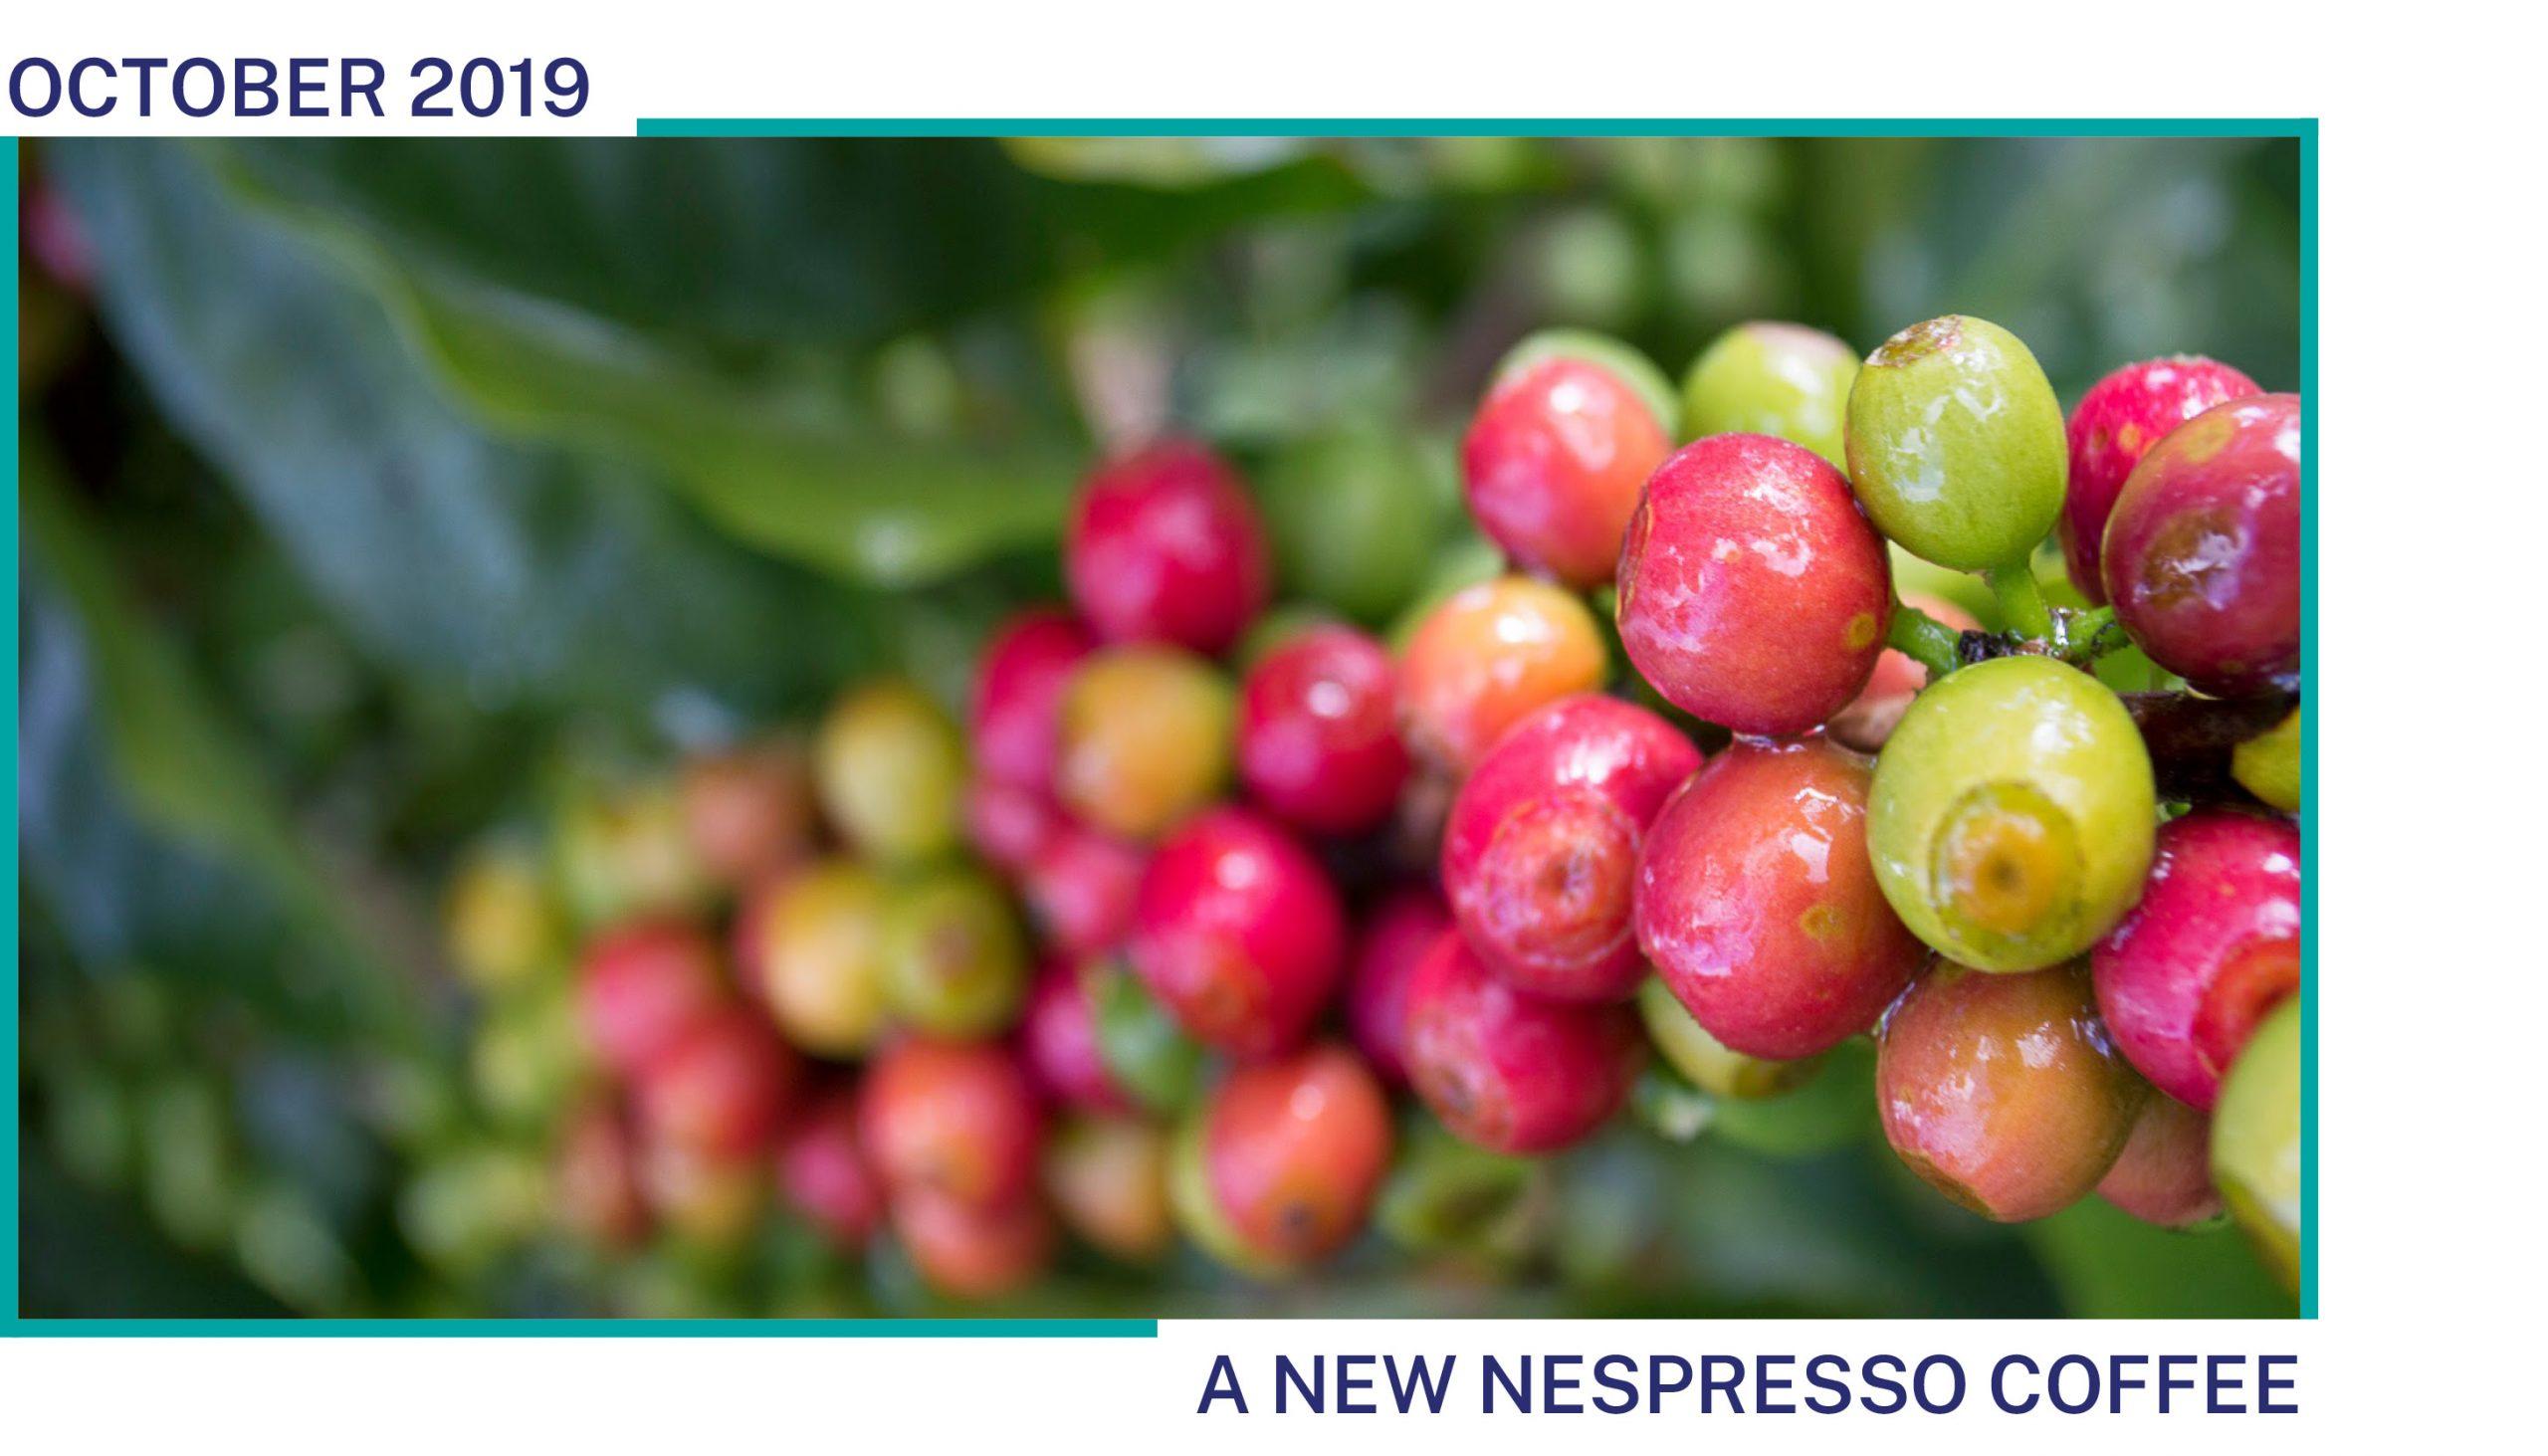 Coffee cherries grow on a coffee plant